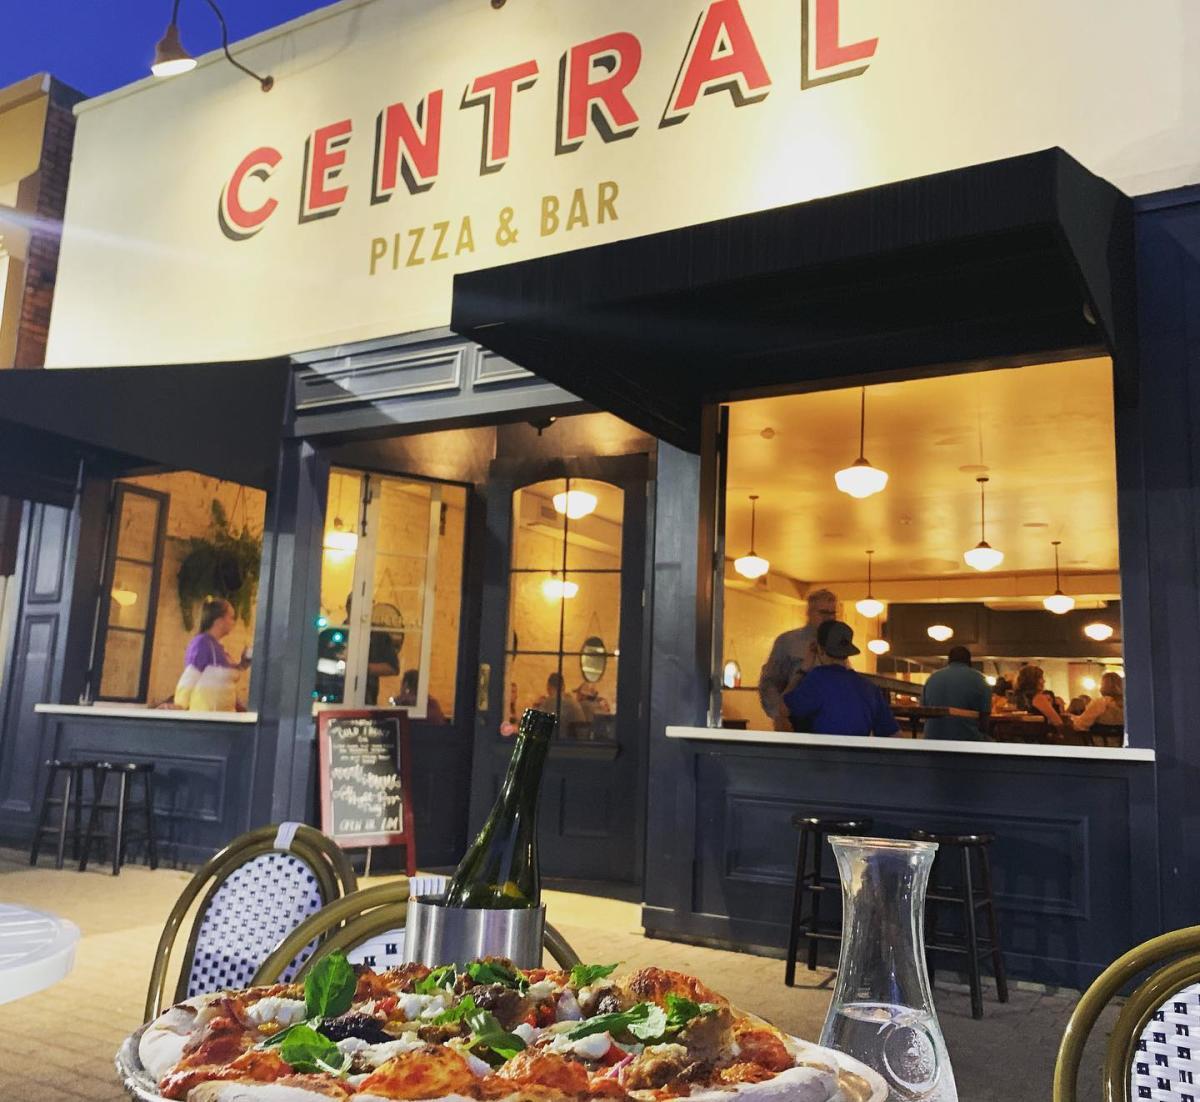 CENTRAL Pizza Patio